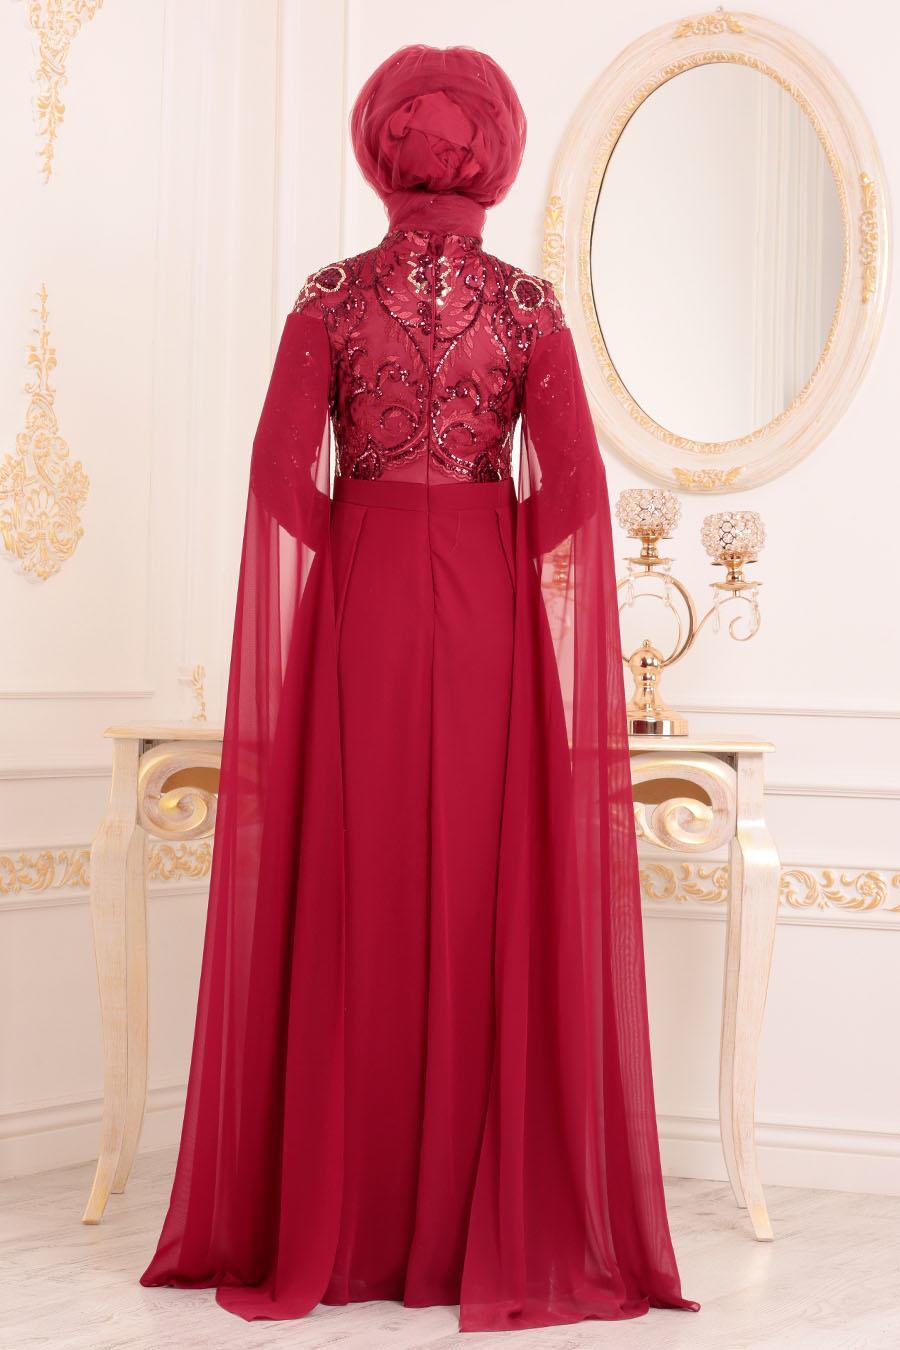 Tesettürlü Abiye Elbise - Pul Payetli Bordo Tesettür Abiye Elbise 85130BR